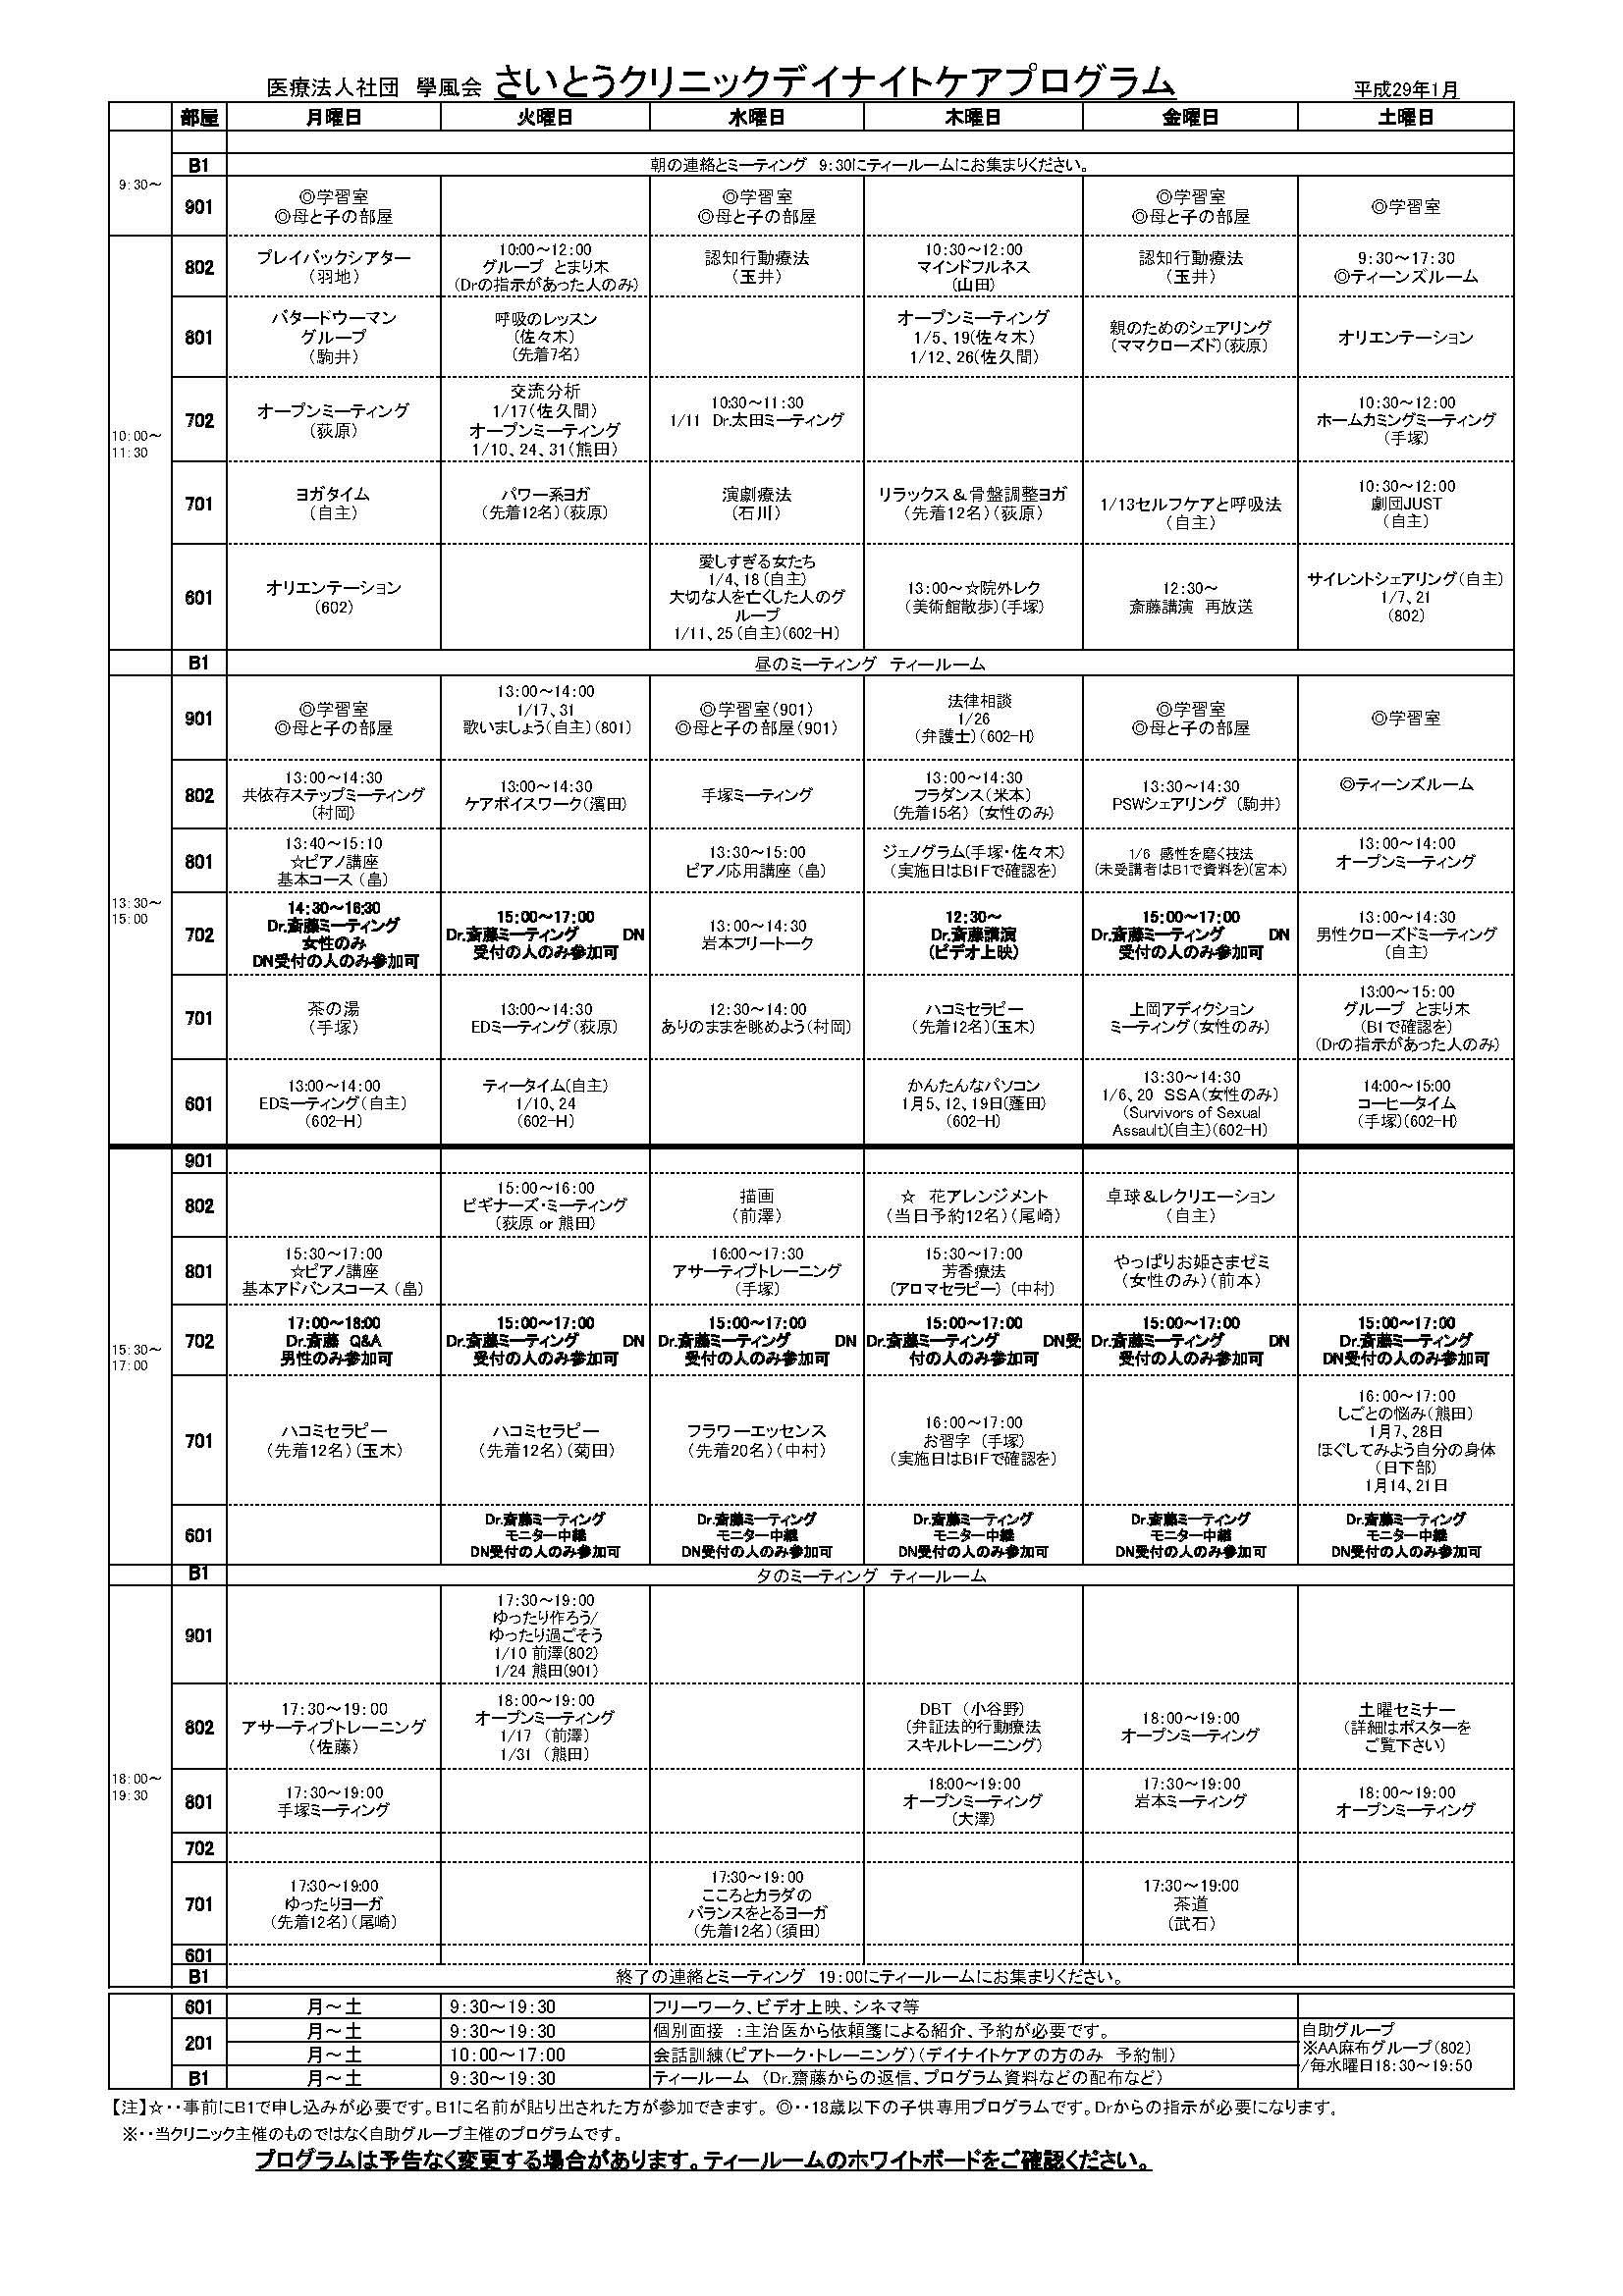 201701月プログラム進行表 プログラム